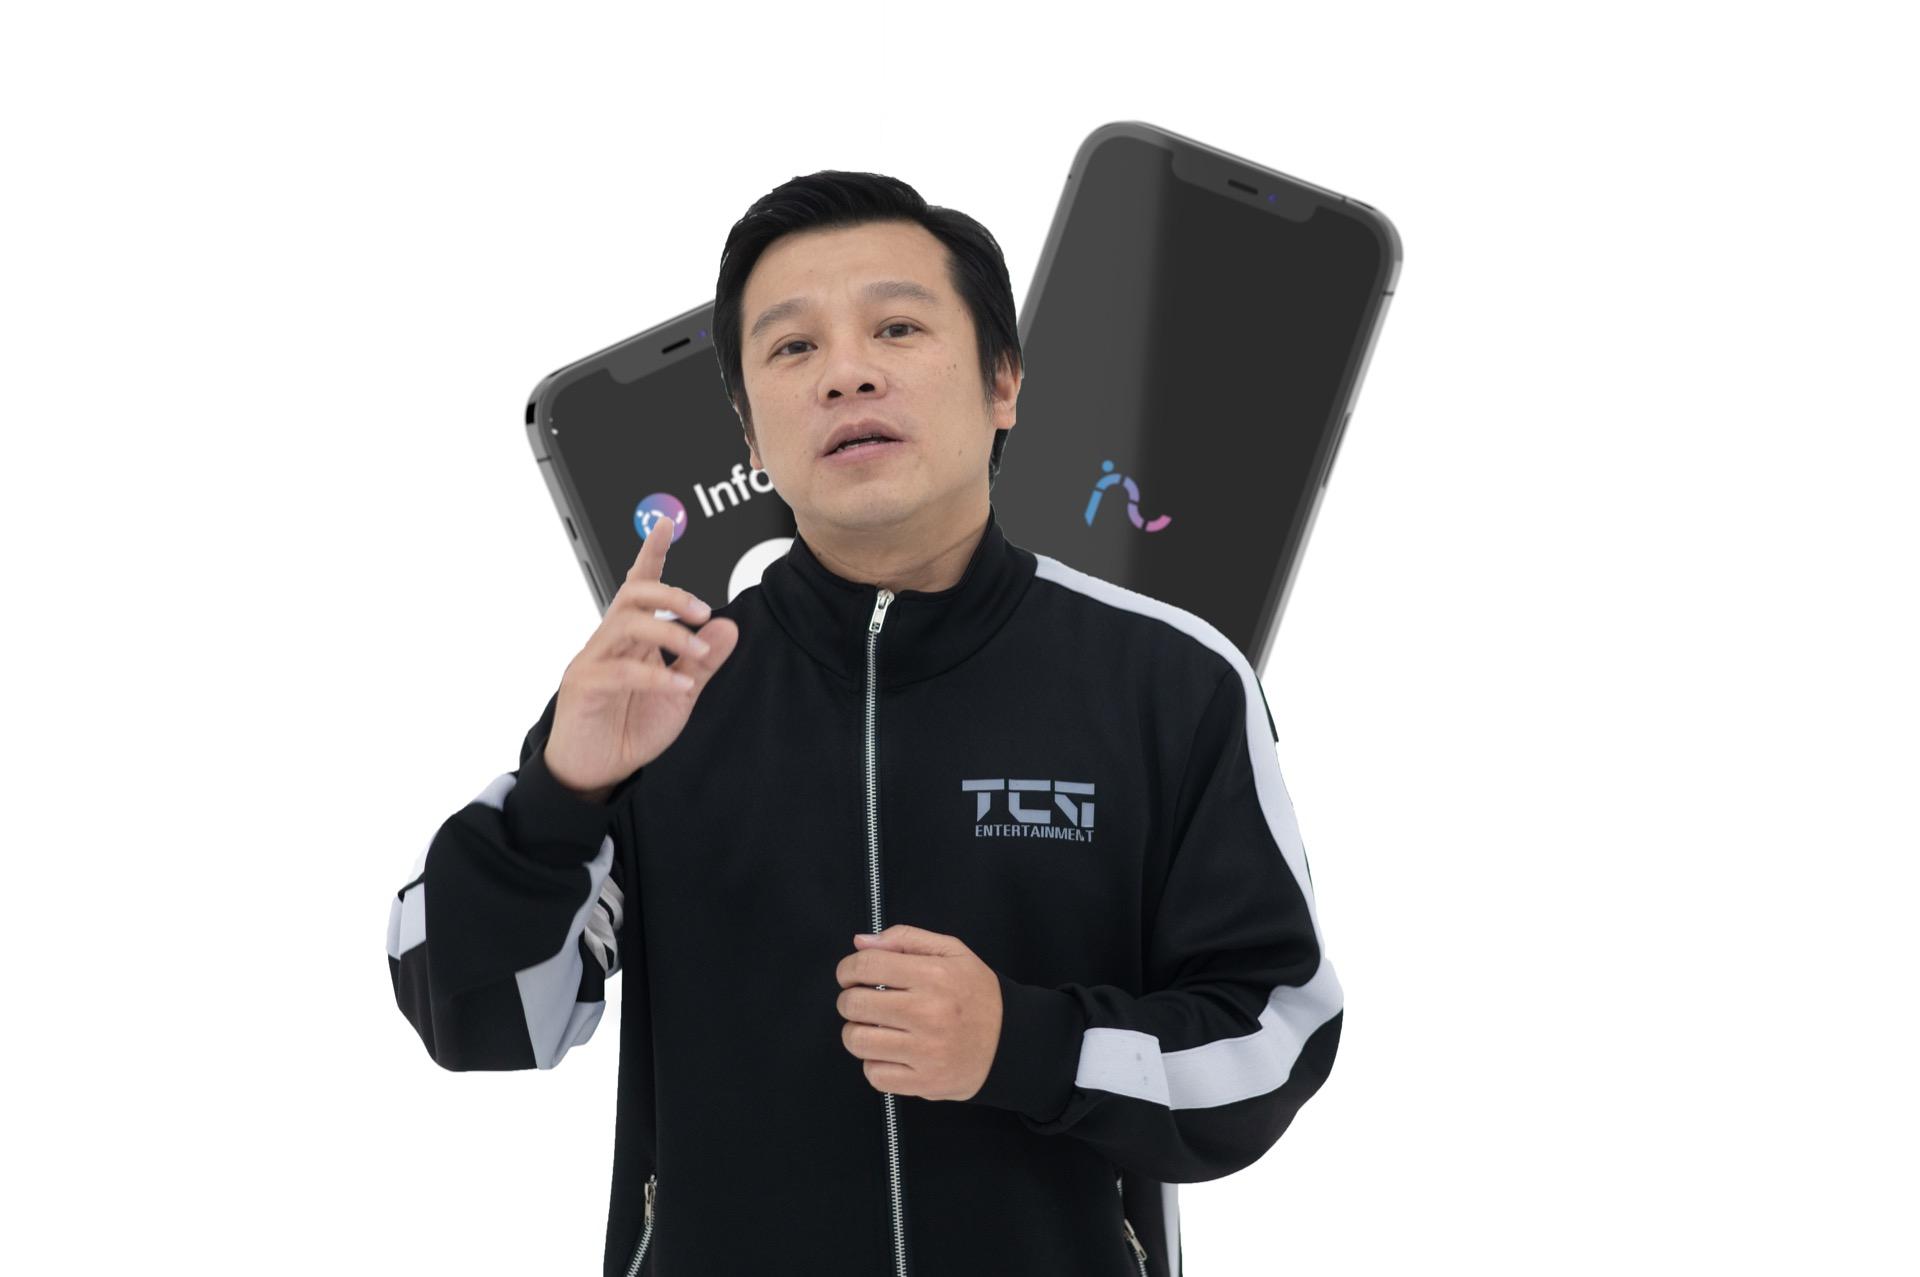 นายพัศพงศ์ เจริญฐานวงศ์ หรือ JT.Wong Founder & CEO ประธาน บริษัท ทีซีจี โซเชียลมีเดีย กรุ๊ป จำกัด